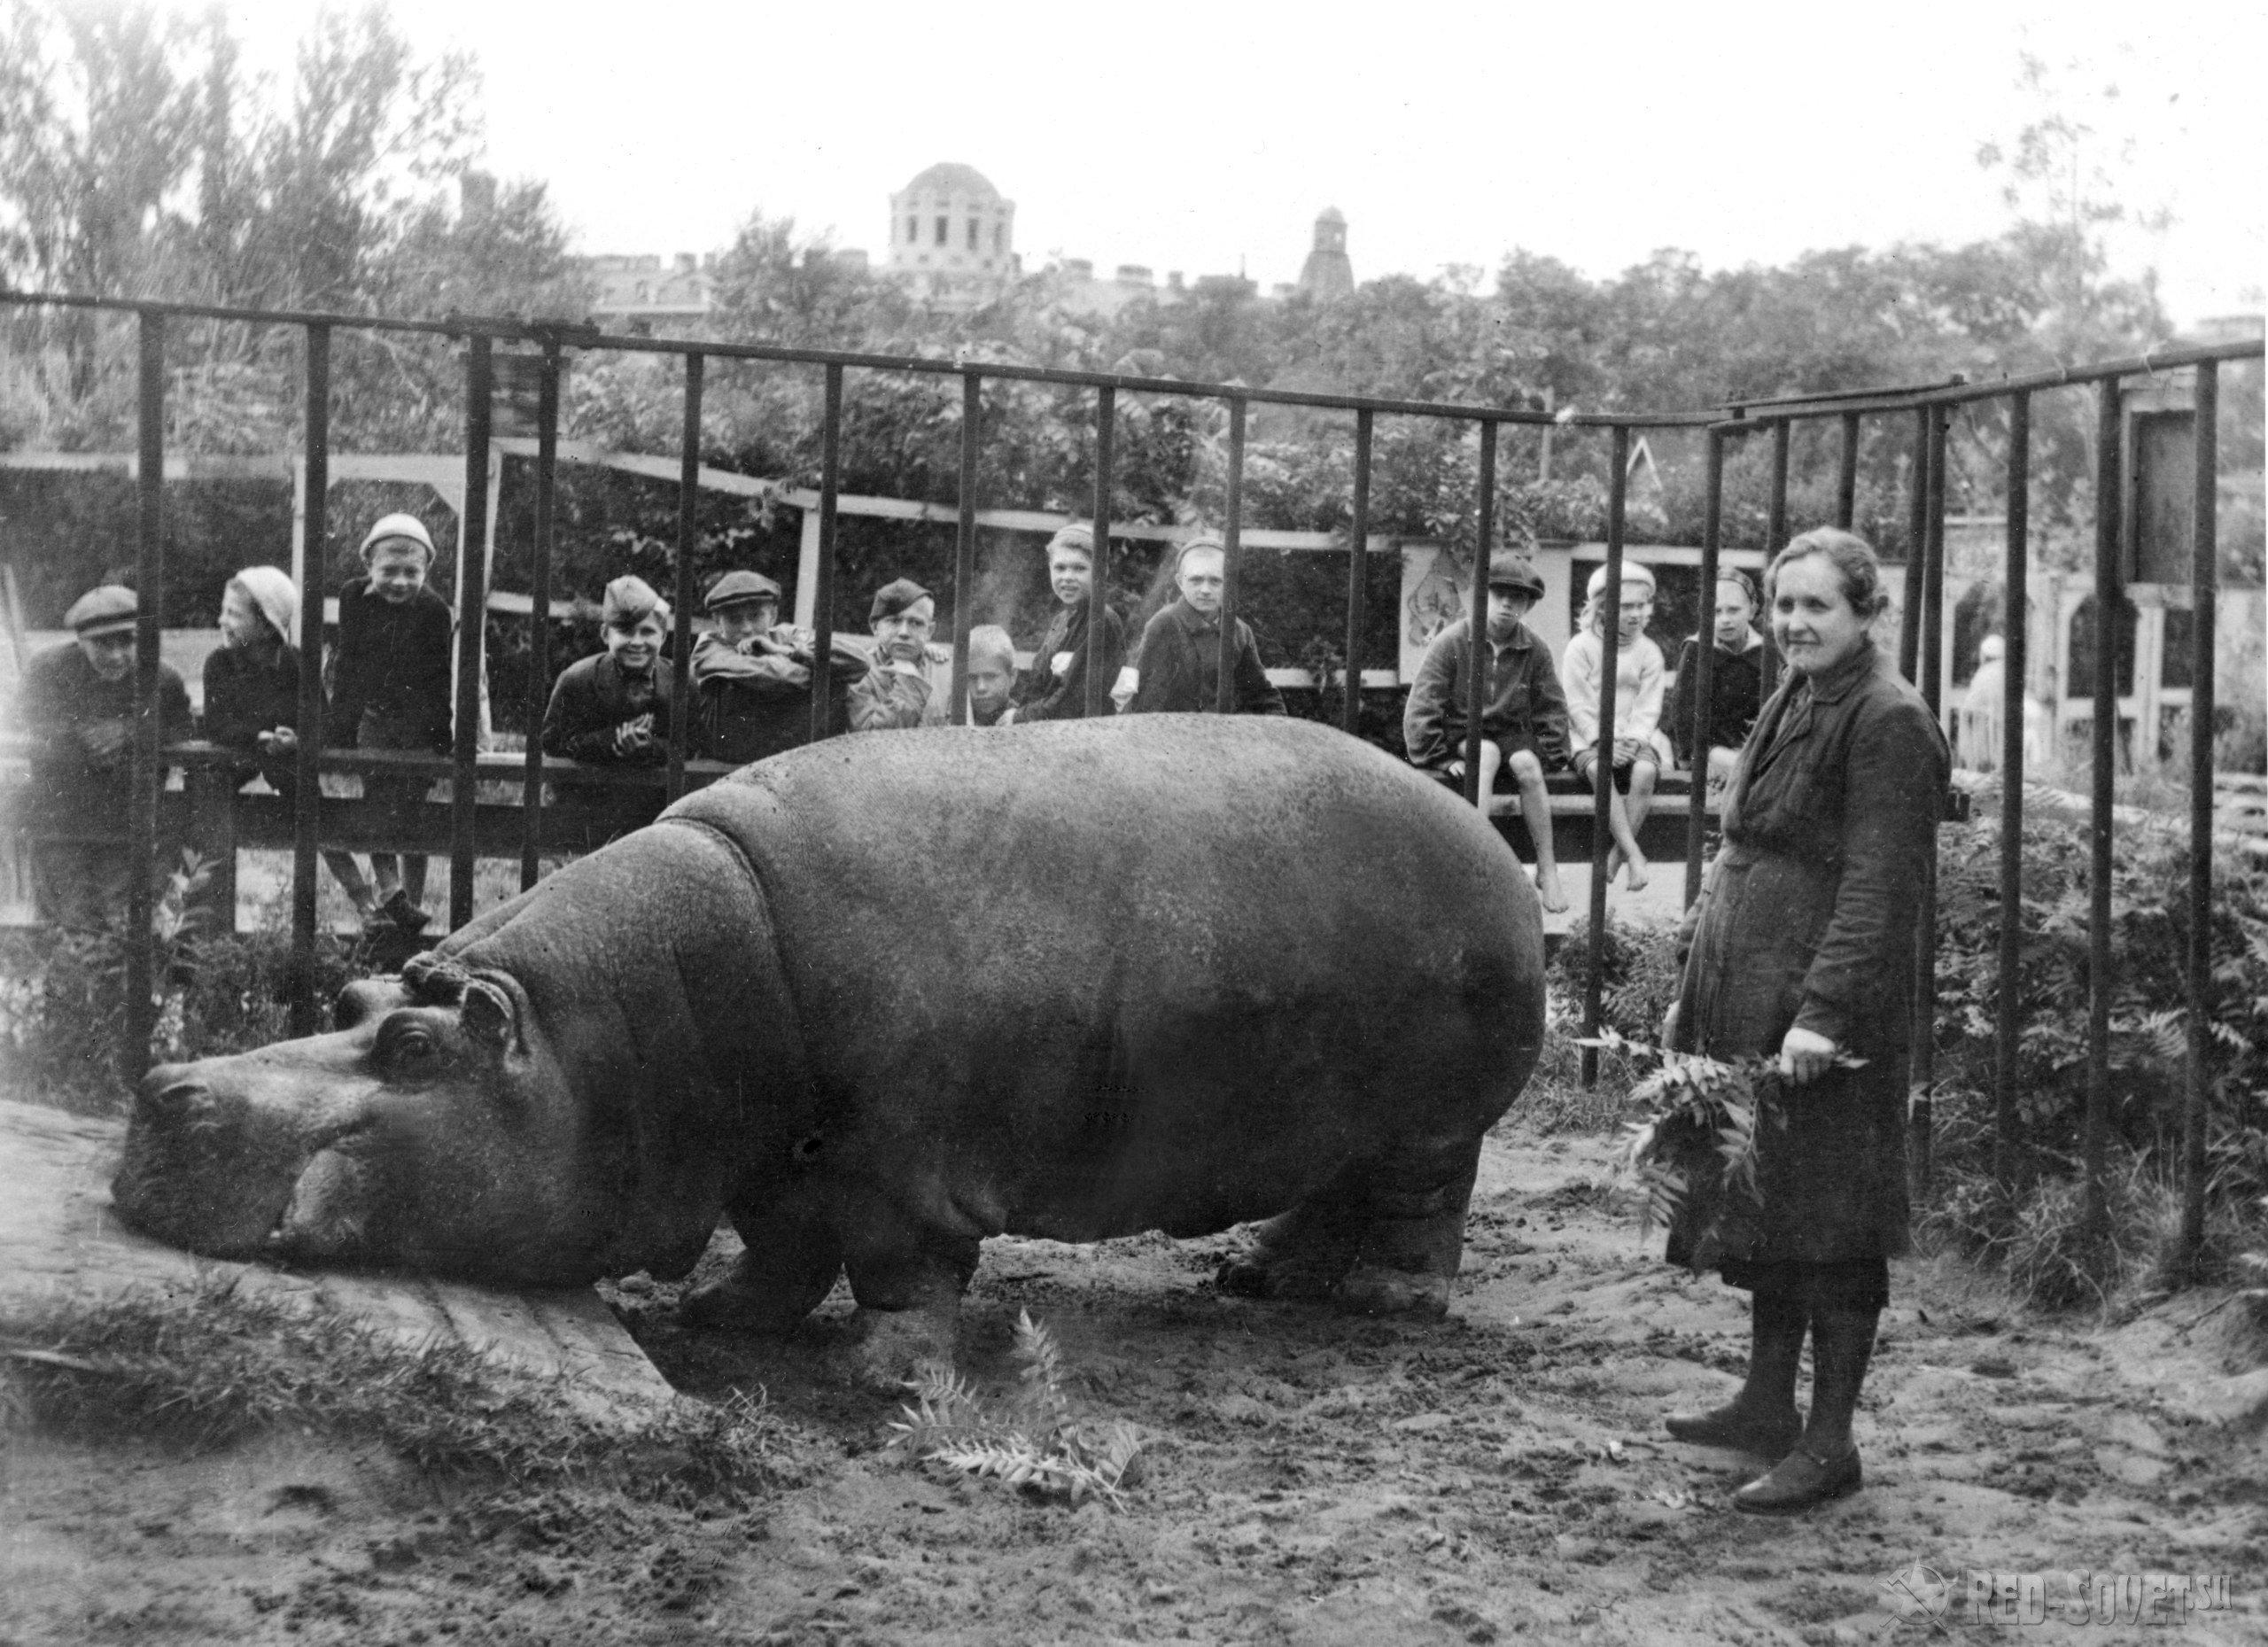 Как животные совершали подвиги и переживали военные тяготы вместе с людьми